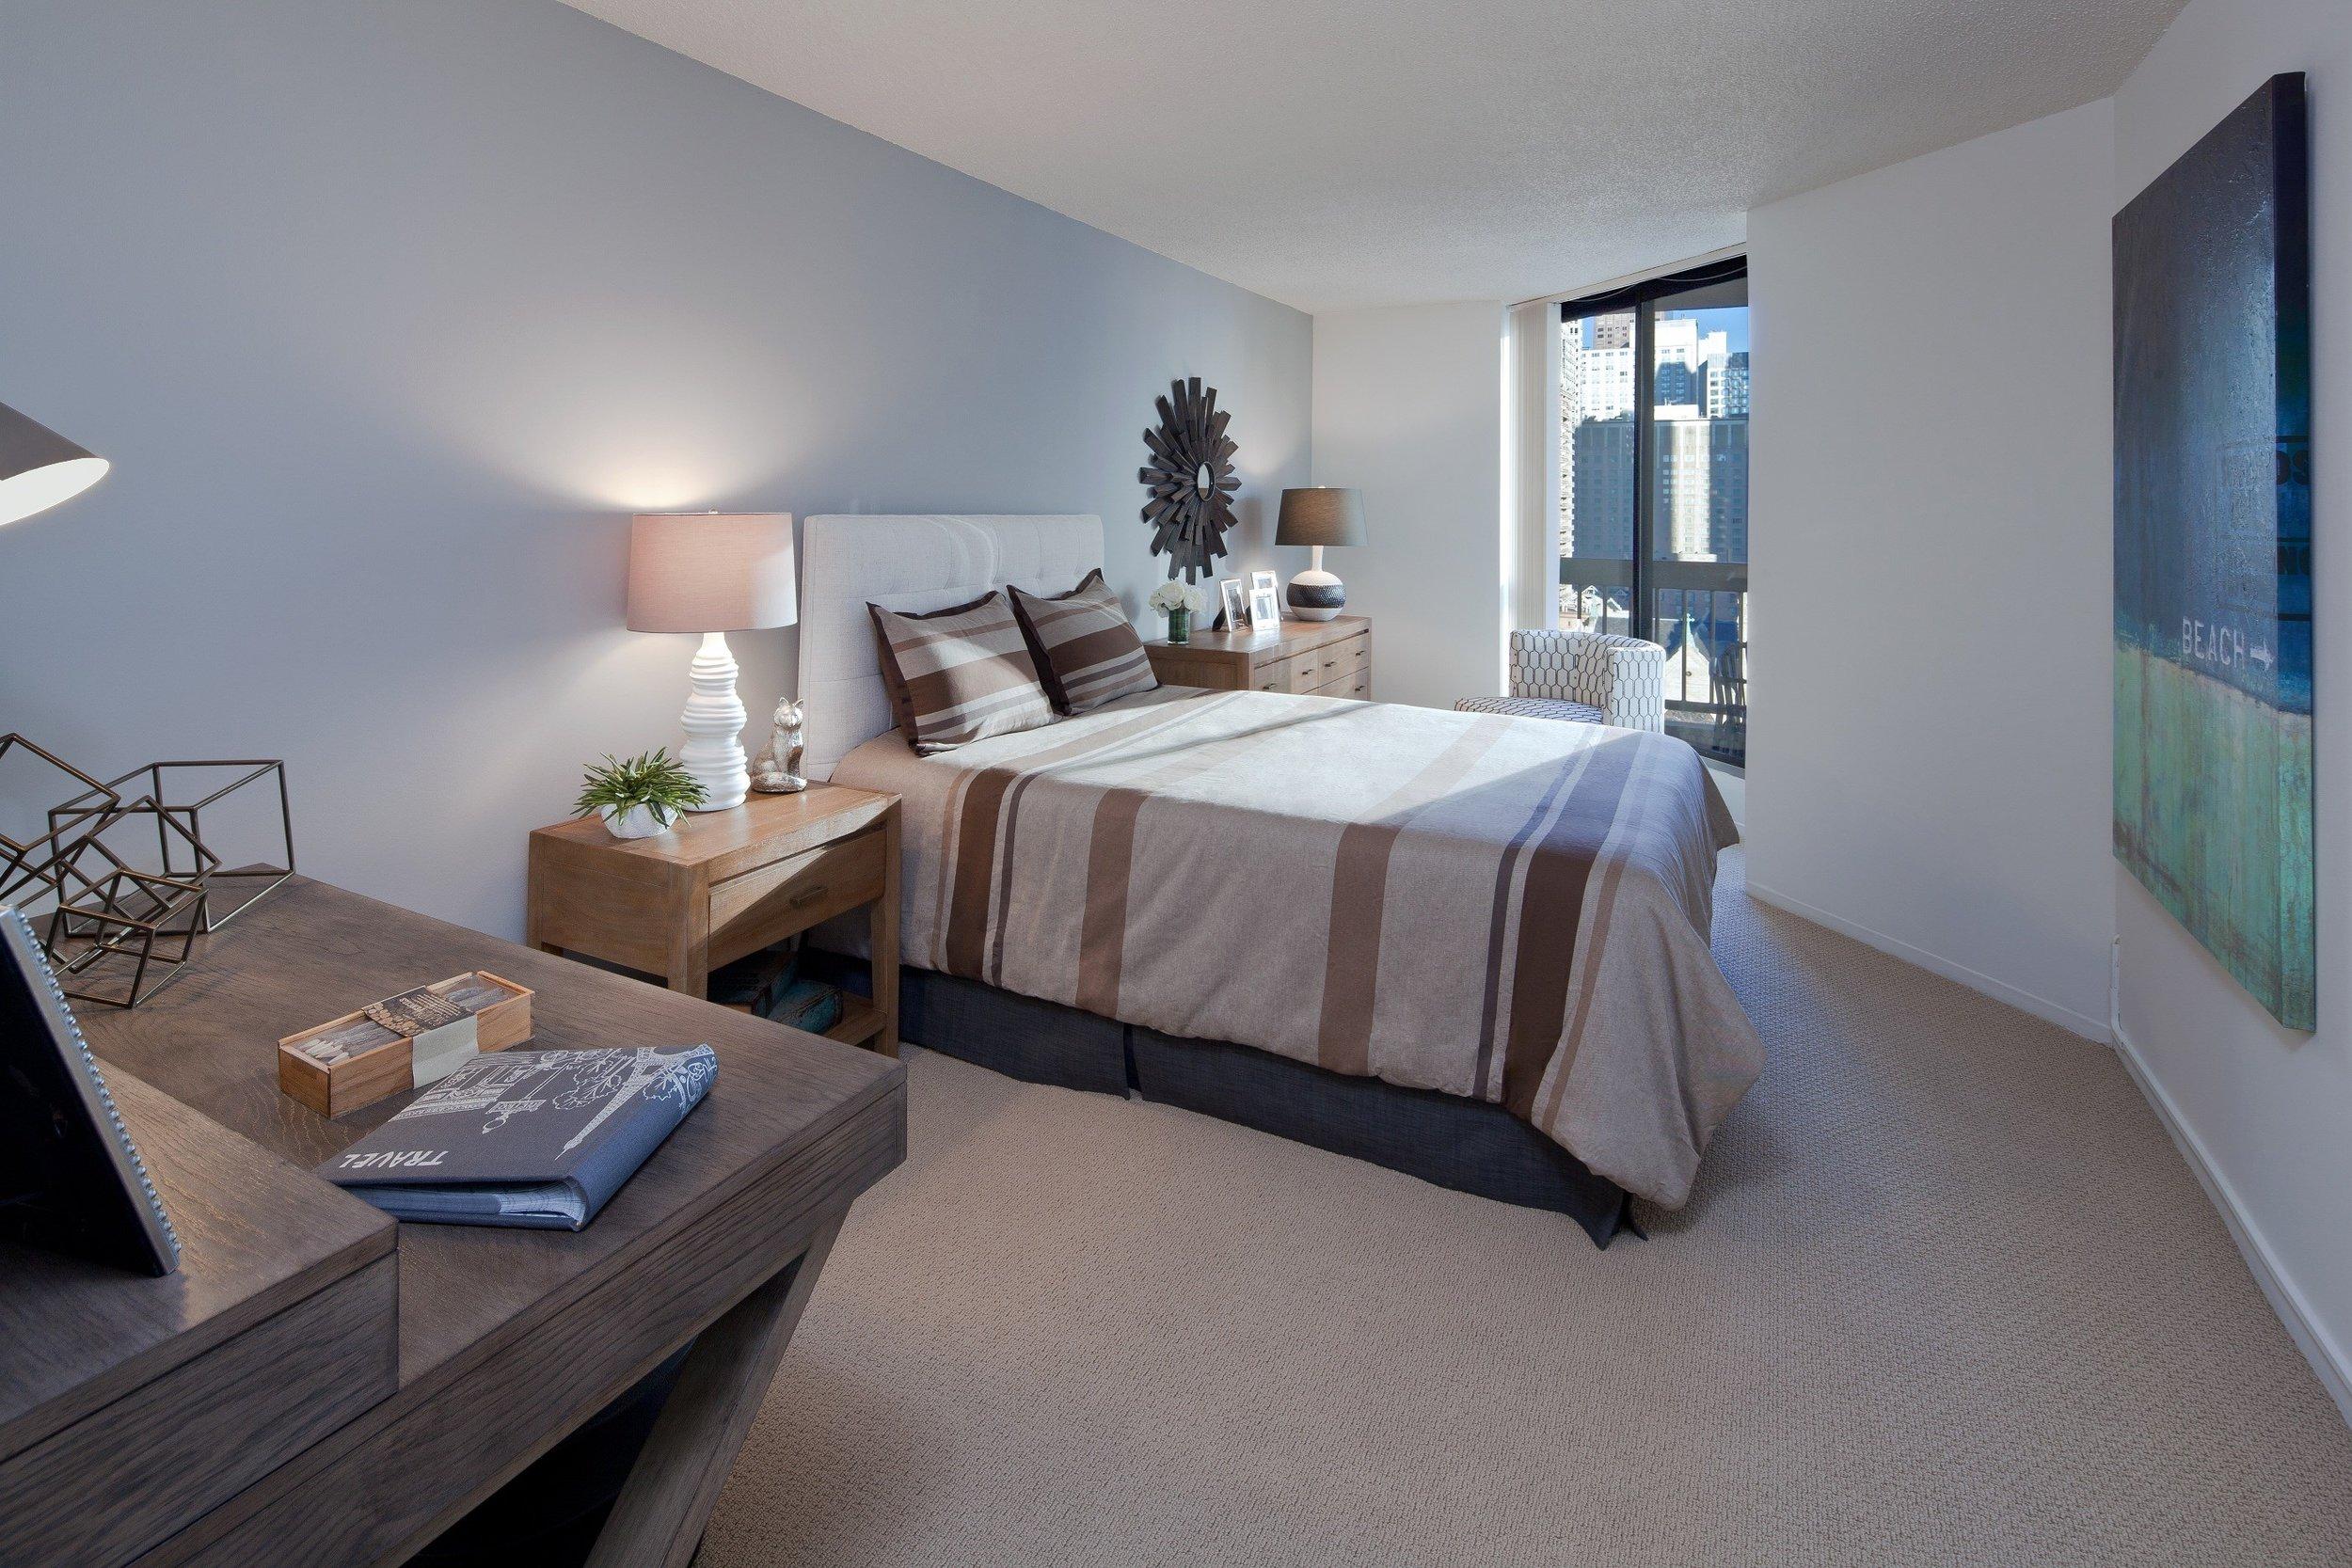 Asbury bedroom.jpg